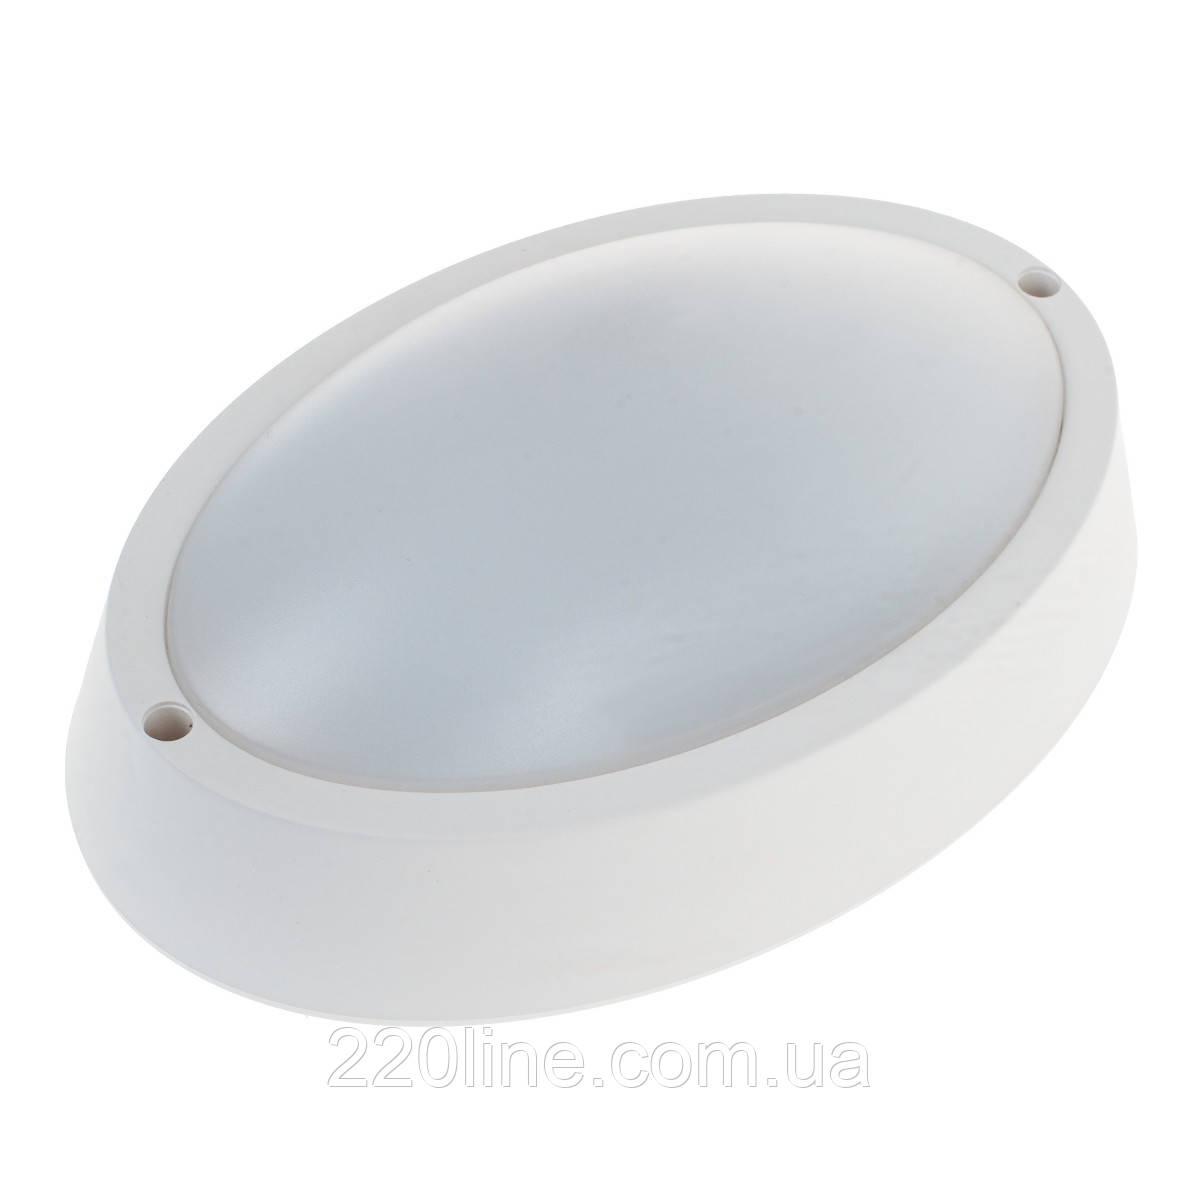 Світильник LED накладної промисловий світлодіодний AL-15/10W CW IP65